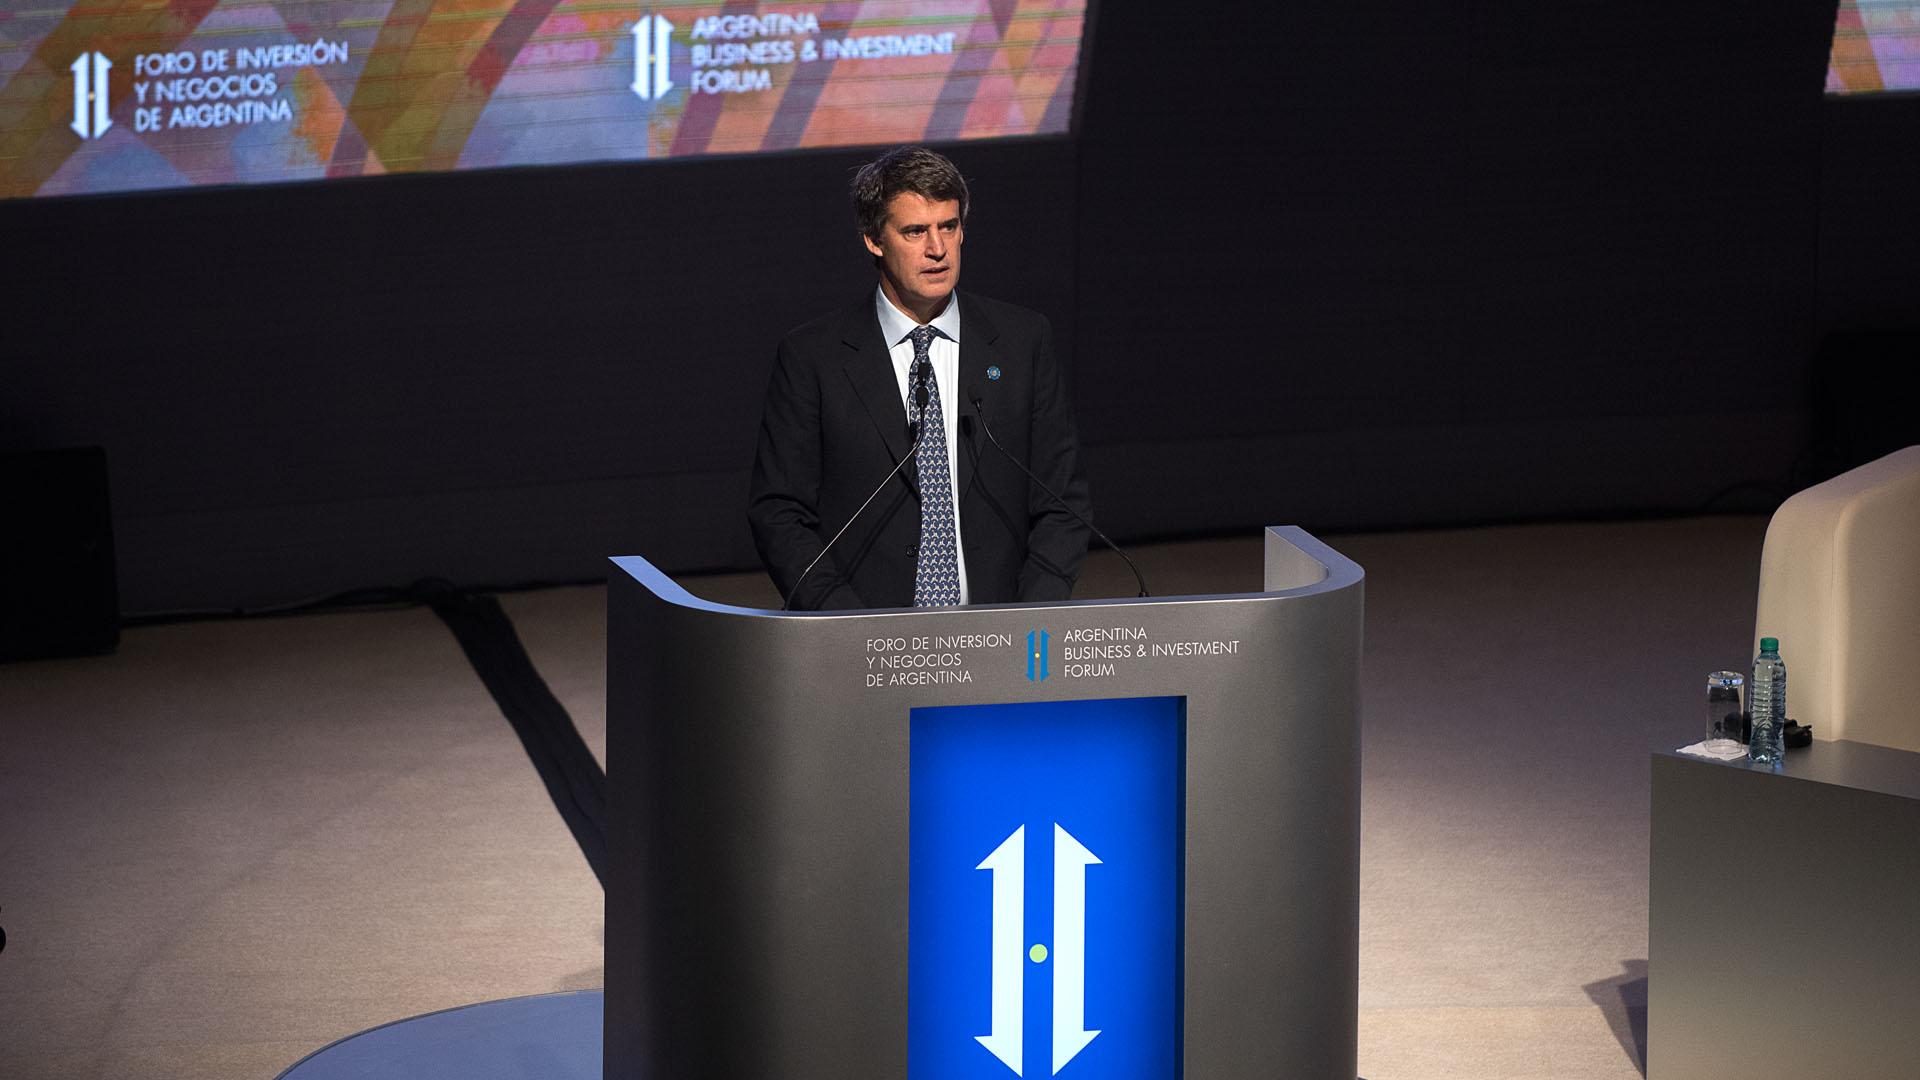 El ministro de Hacienda, Alfonso Prat-Gay, abrió el segundo día del Foro de Inverisón y Negocios de Argentina (Fotos: Adrián Escandar/Nicolás Stulberg)